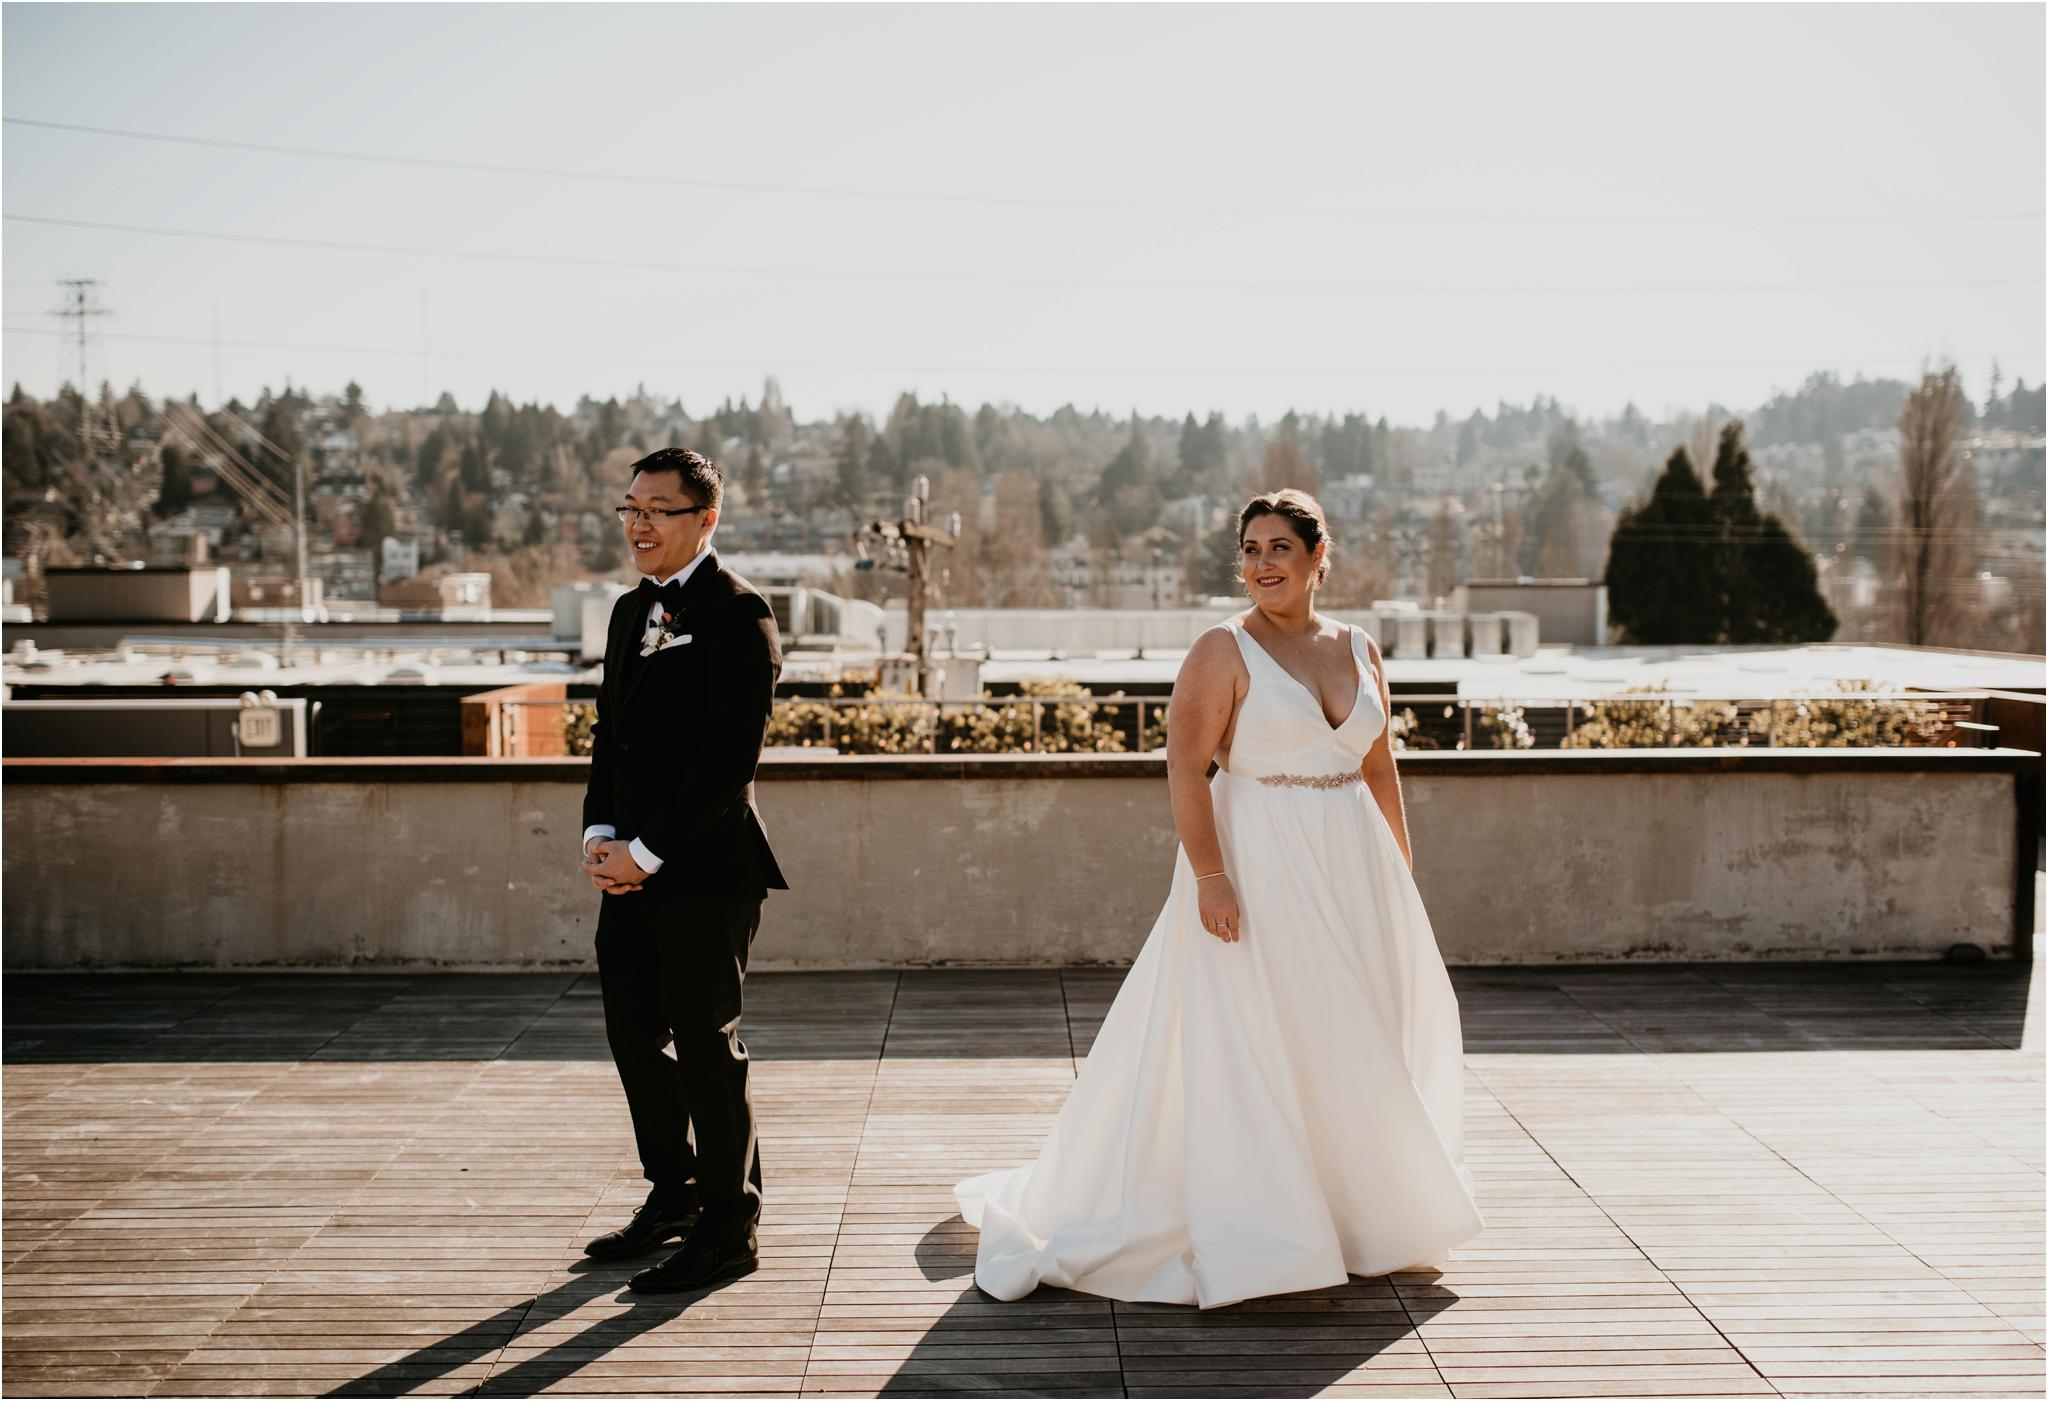 ashley-and-david-fremont-foundry-seattle-washington-wedding-photographer-026.jpg